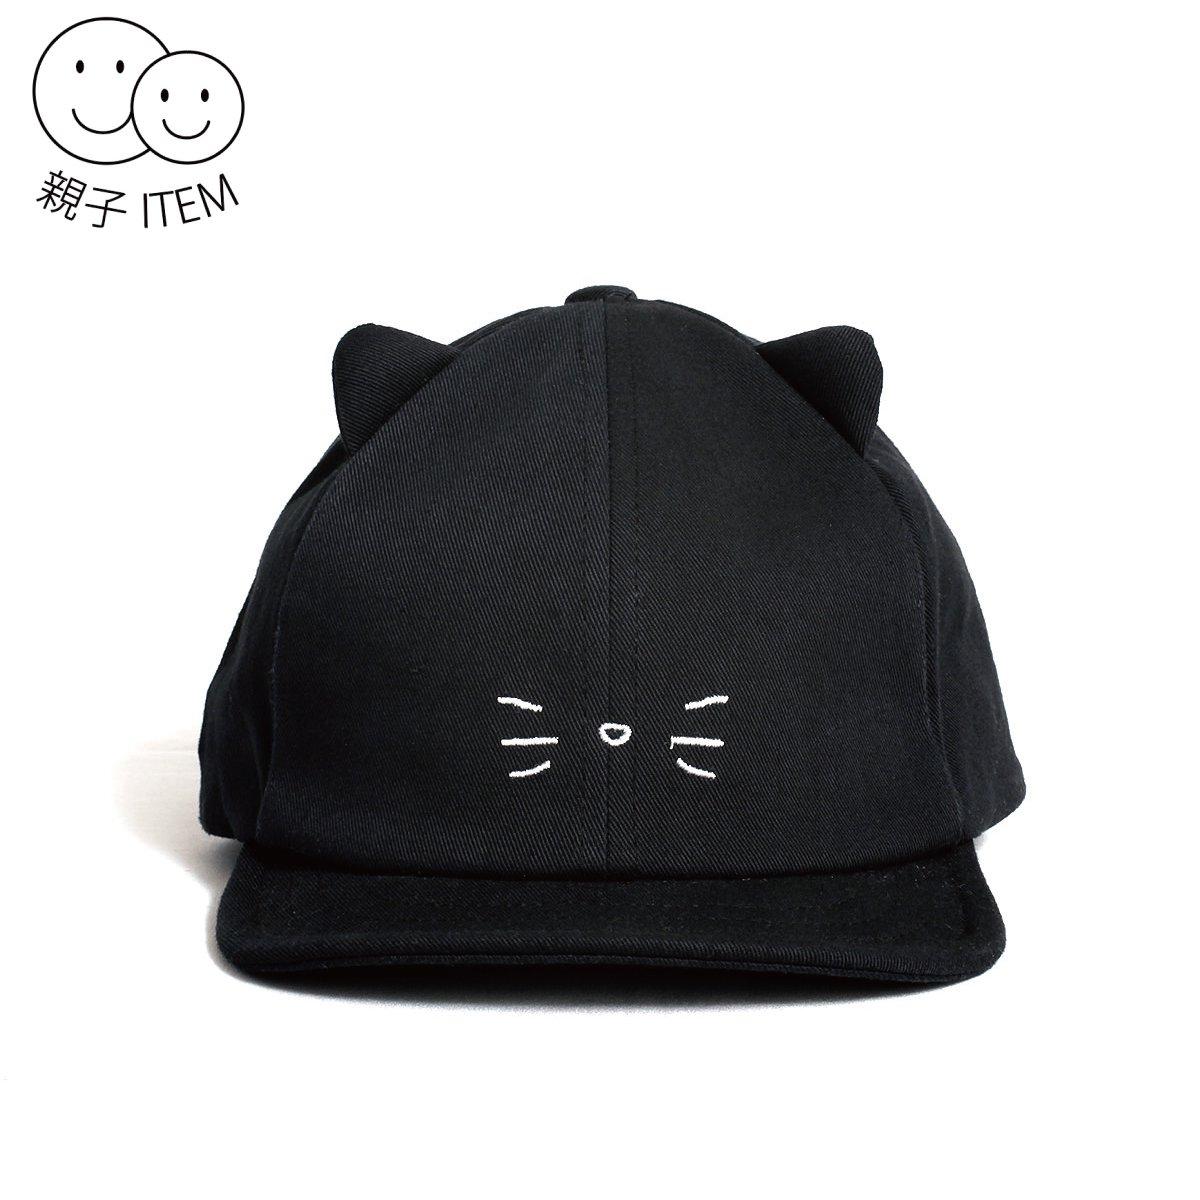 【KIDS】Cat Ear Cap 詳細画像1